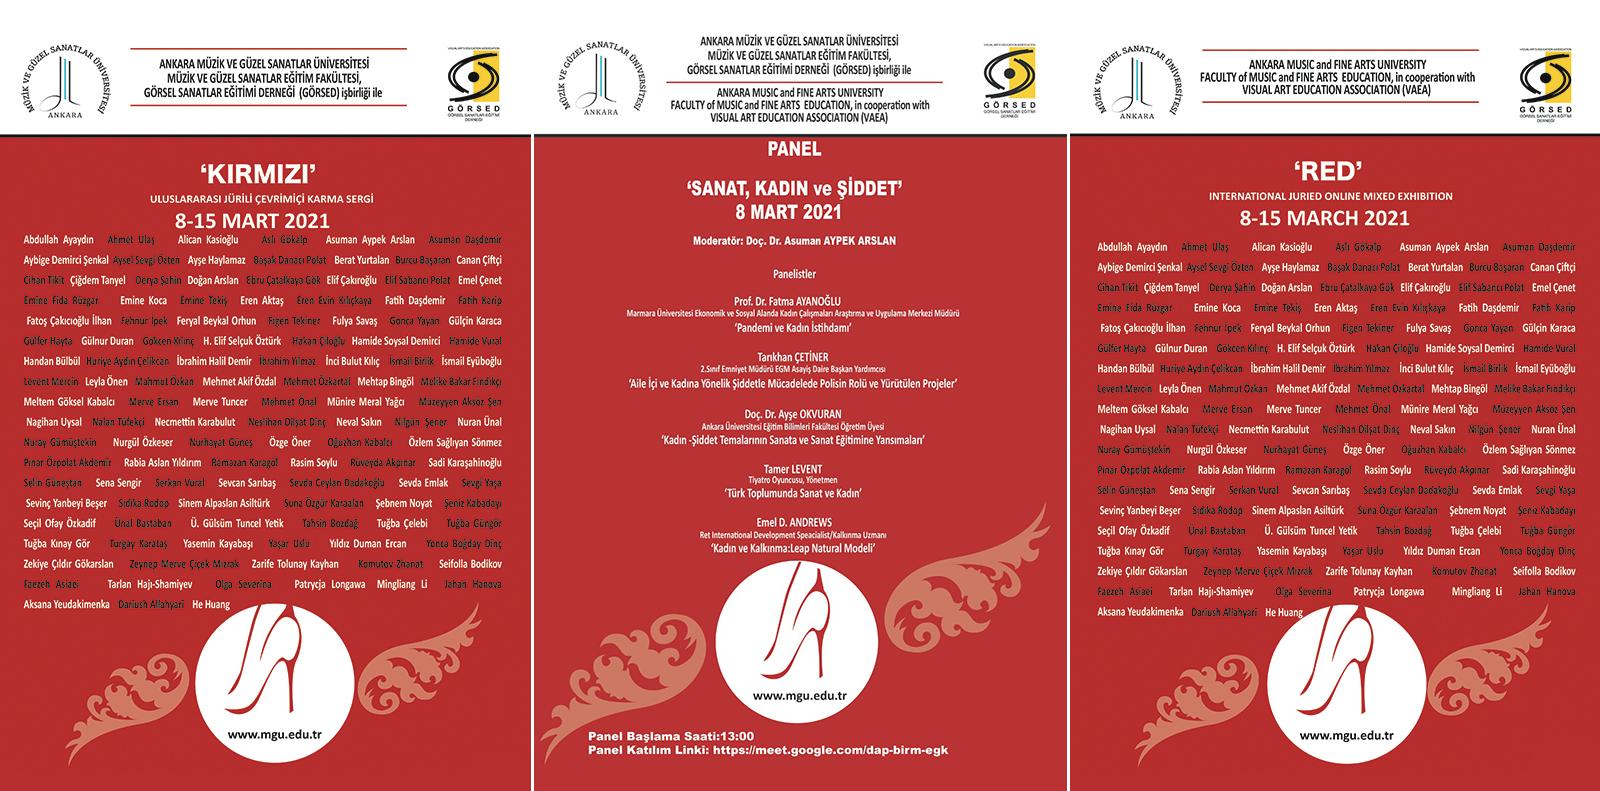 8 Mart Sanat Kadin ve Şiddet Panel Slide